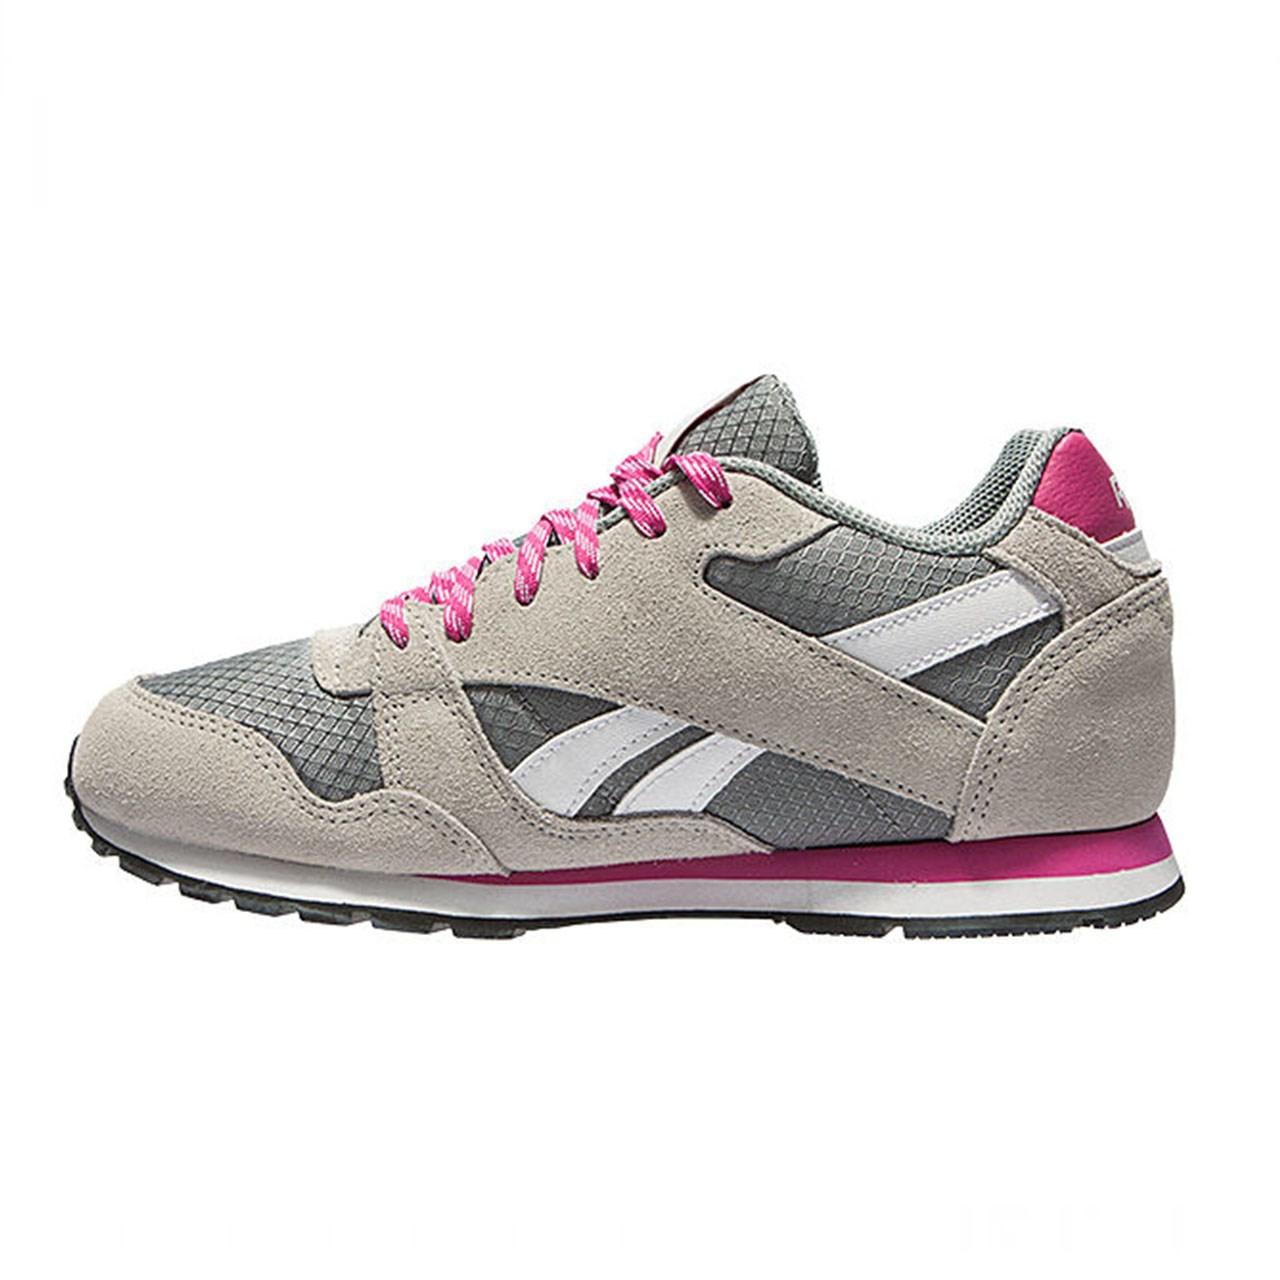 کفش مخصوص دویدن زنانه ریباک مدل Leather Pop